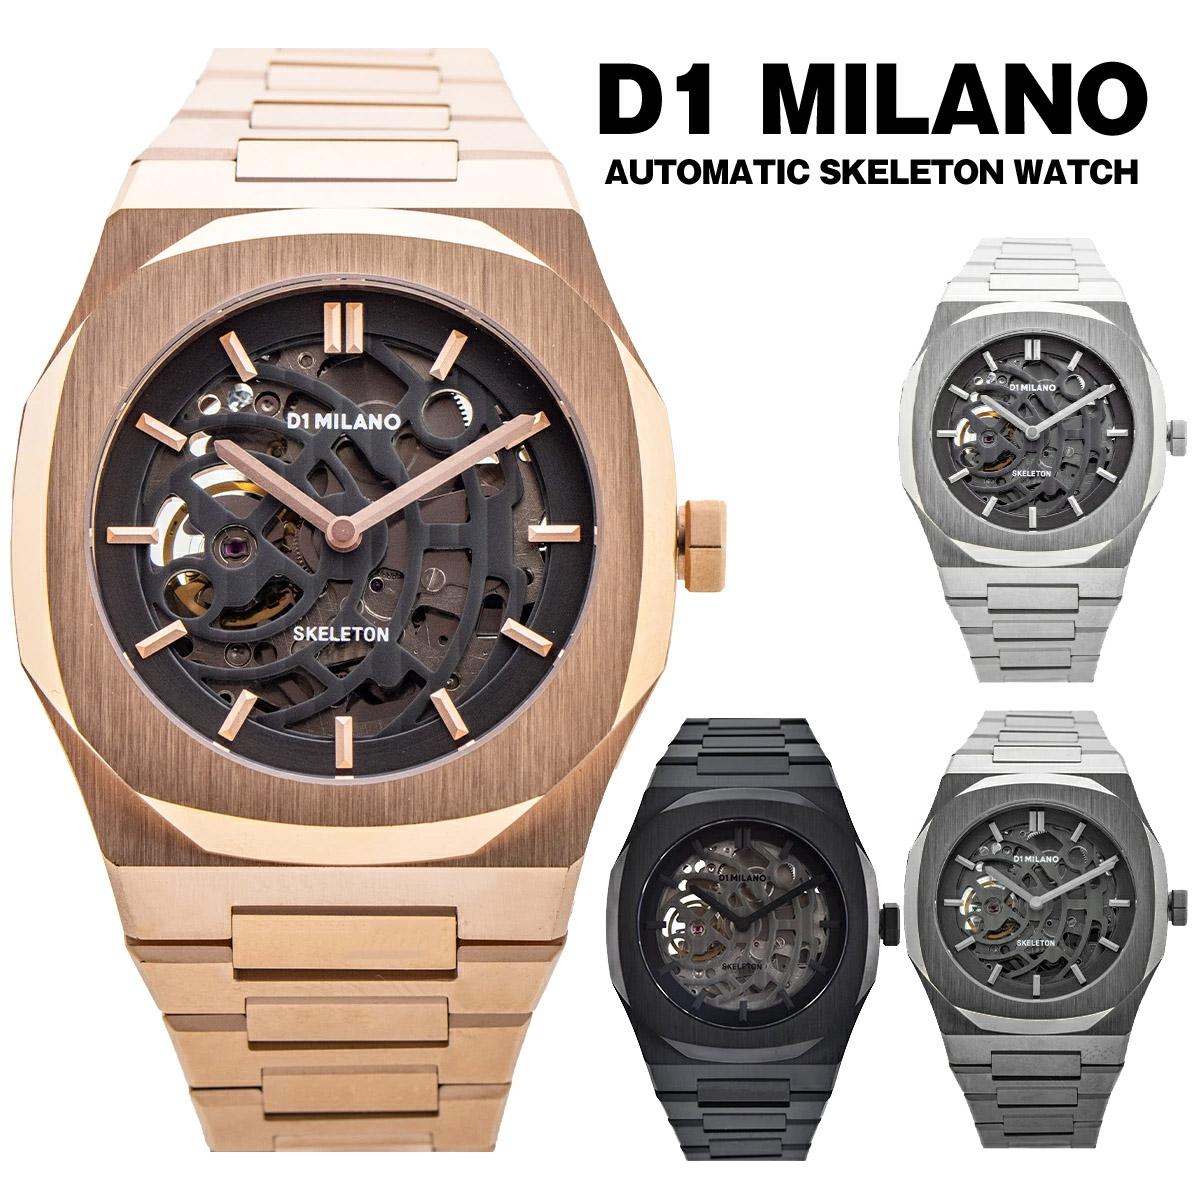 D1 MILANO ミラノ 時計 腕時計 送料無料 D1ミラノ メンズ オートマチック スケルトン 自動巻き 防水 SKBJ04 機械式 ステンレススティールケース 公式 SKBJ03 SKBJ02 メタルバンド オートマティック SKBJ01 卓抜